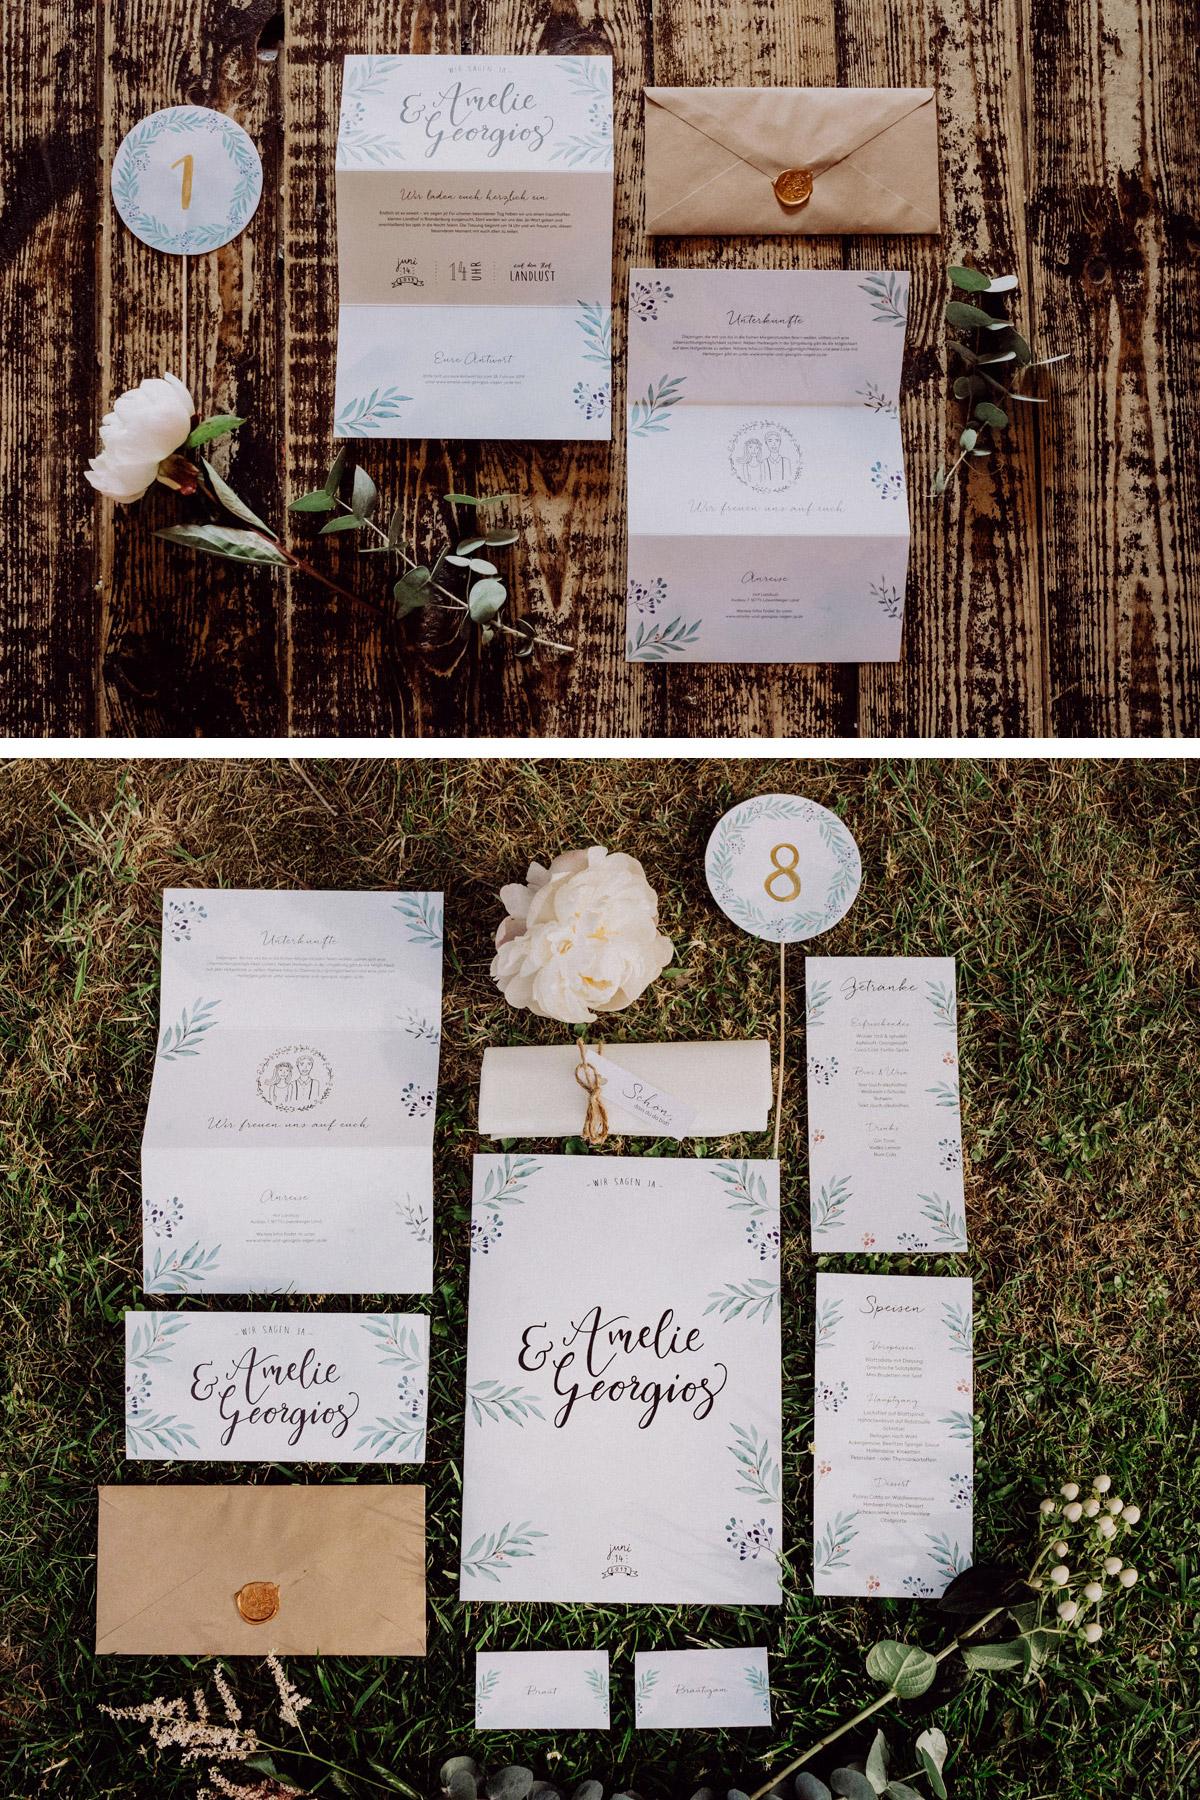 Hochzeit Scheune Einladung, DIY vintage Hochzeitseinladung Weiß, Grün, Gold, Beige handbemalt von Braut mit Platzkarte, Speisekarte, Getränkekarte, Tischnummern, Servietten-Gruß